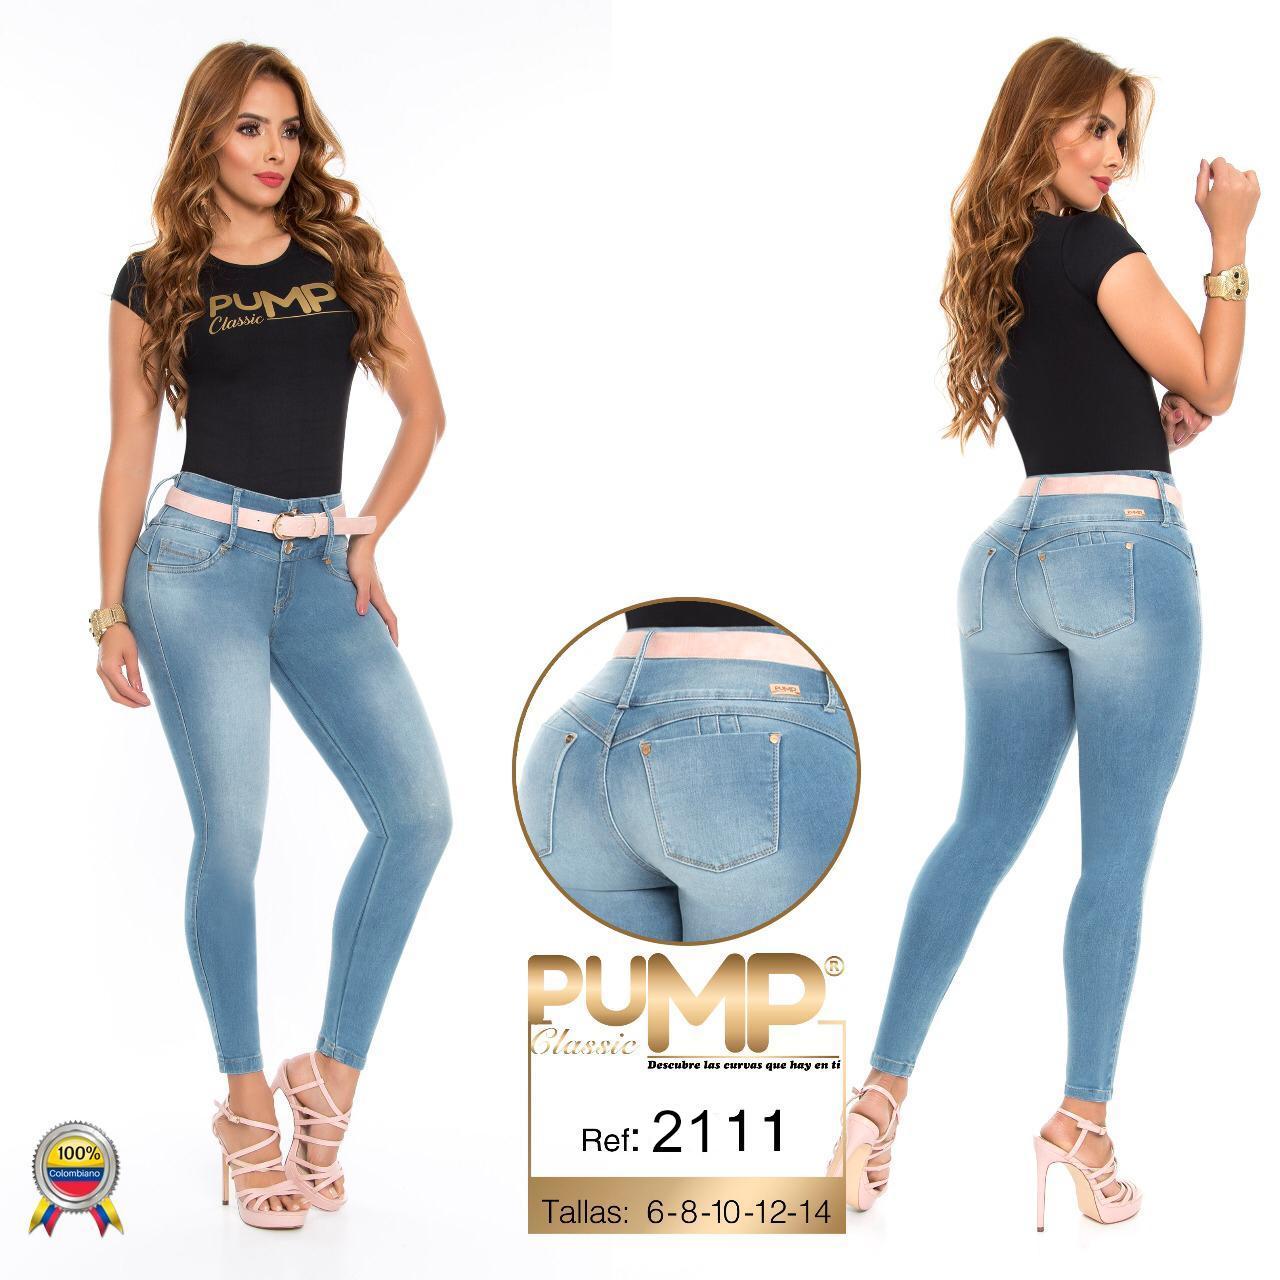 Pantalón Vaquero de Dama Original Levanta Cola Colombiano, bolsillos traseros, ajuste perfecto